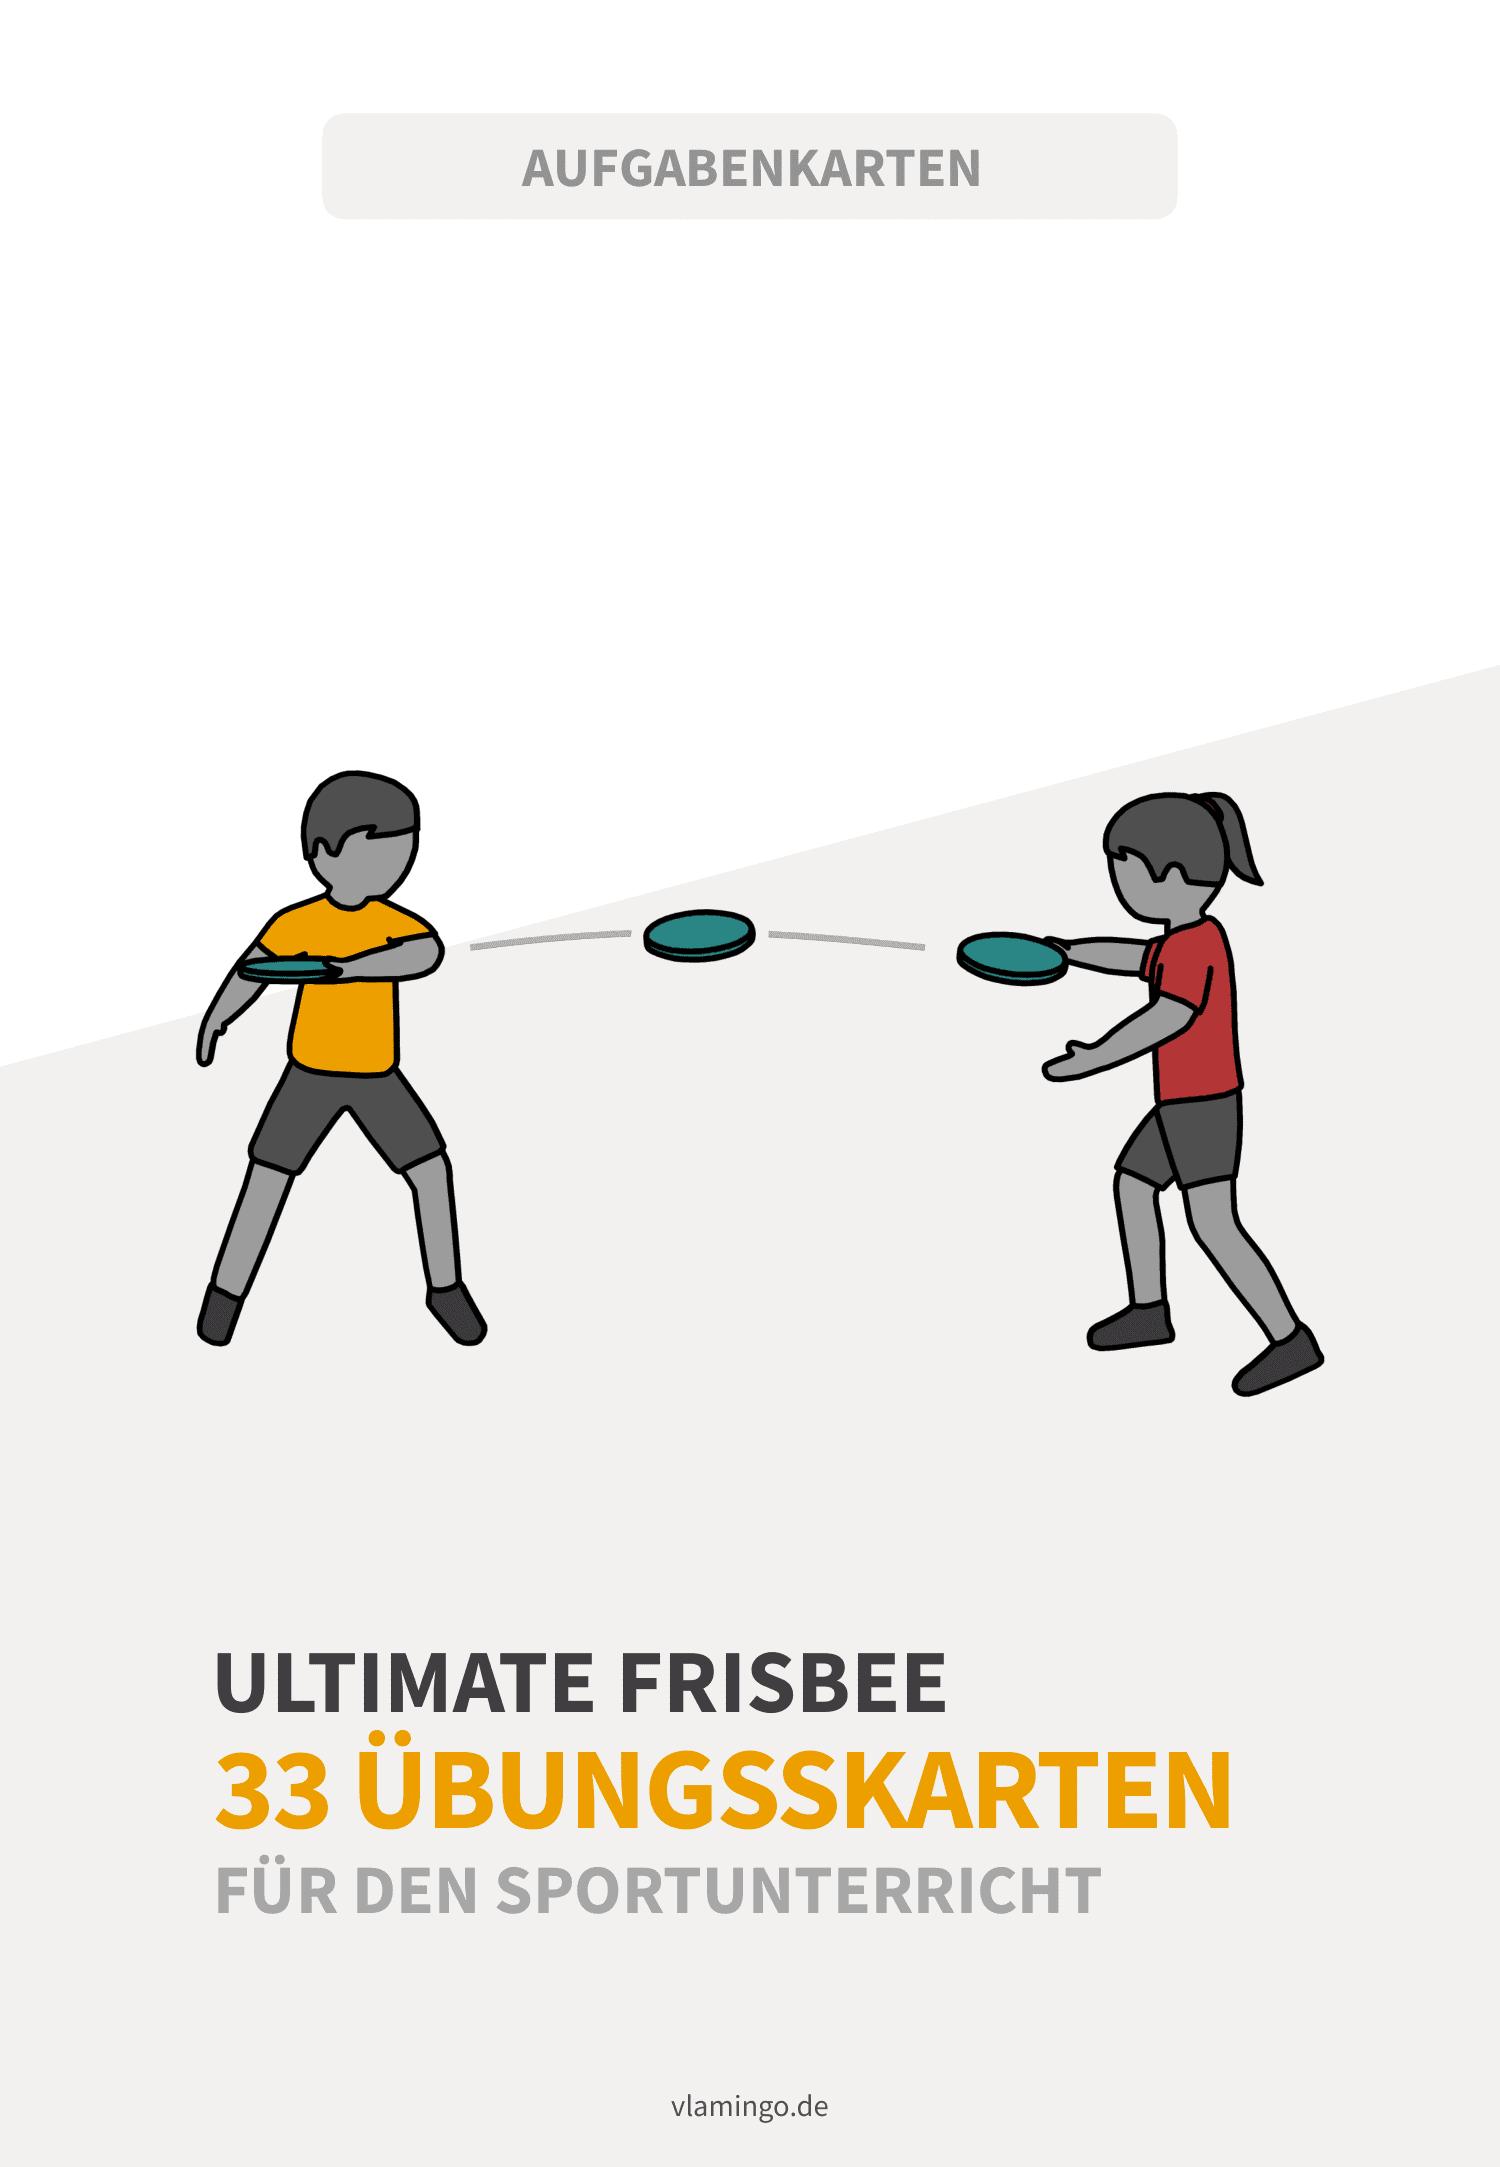 Frisbee - 33 Übungskarten für Sportunterricht